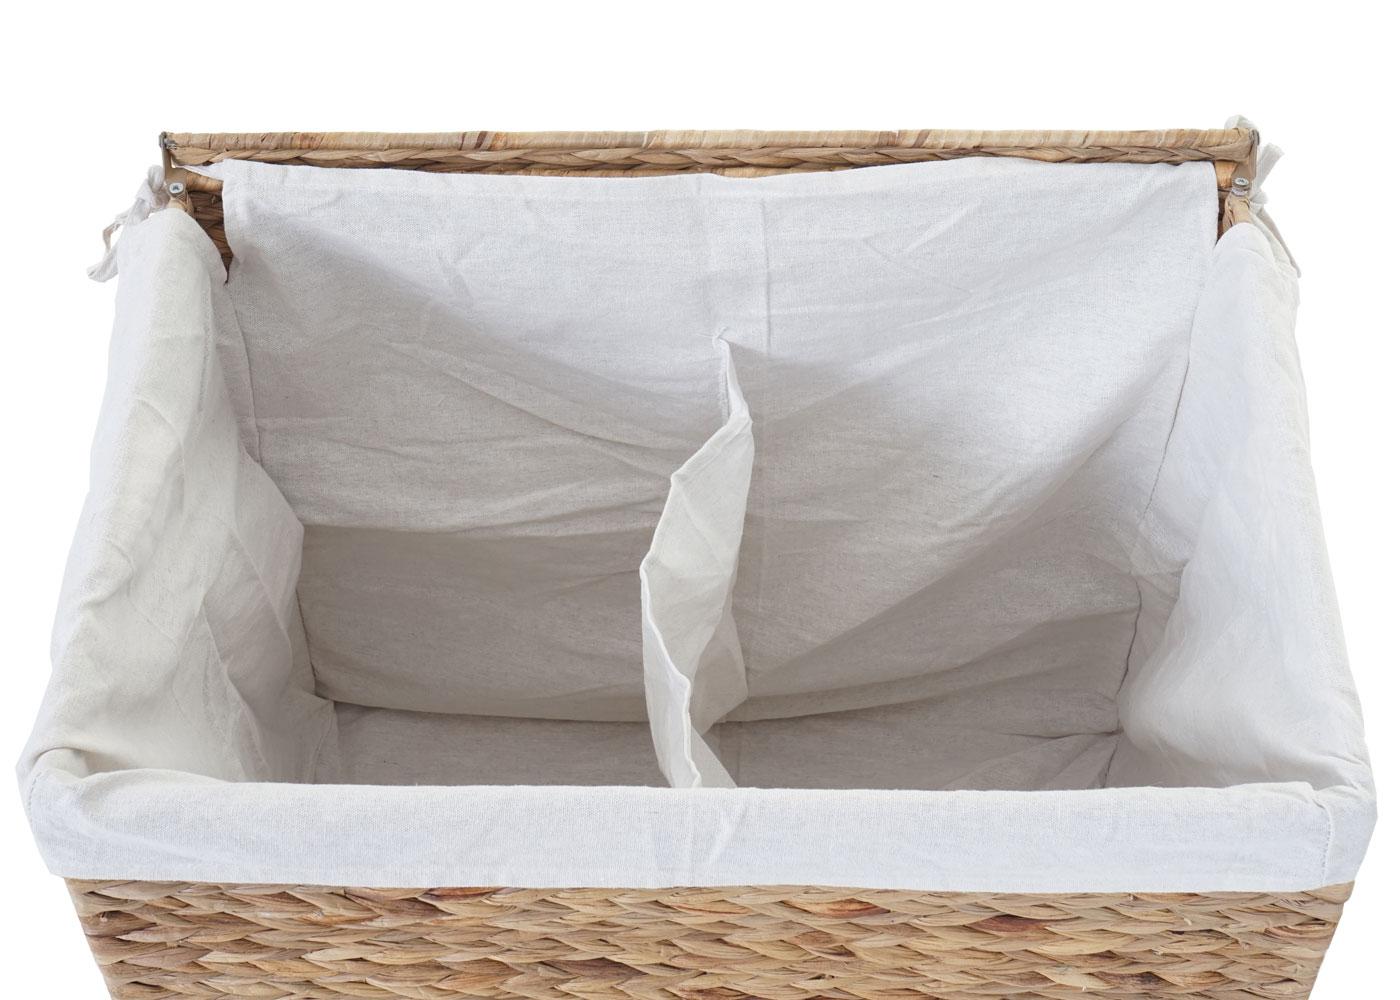 w schekorb hwc c27 w schesammler w schesortierer truhe 2. Black Bedroom Furniture Sets. Home Design Ideas